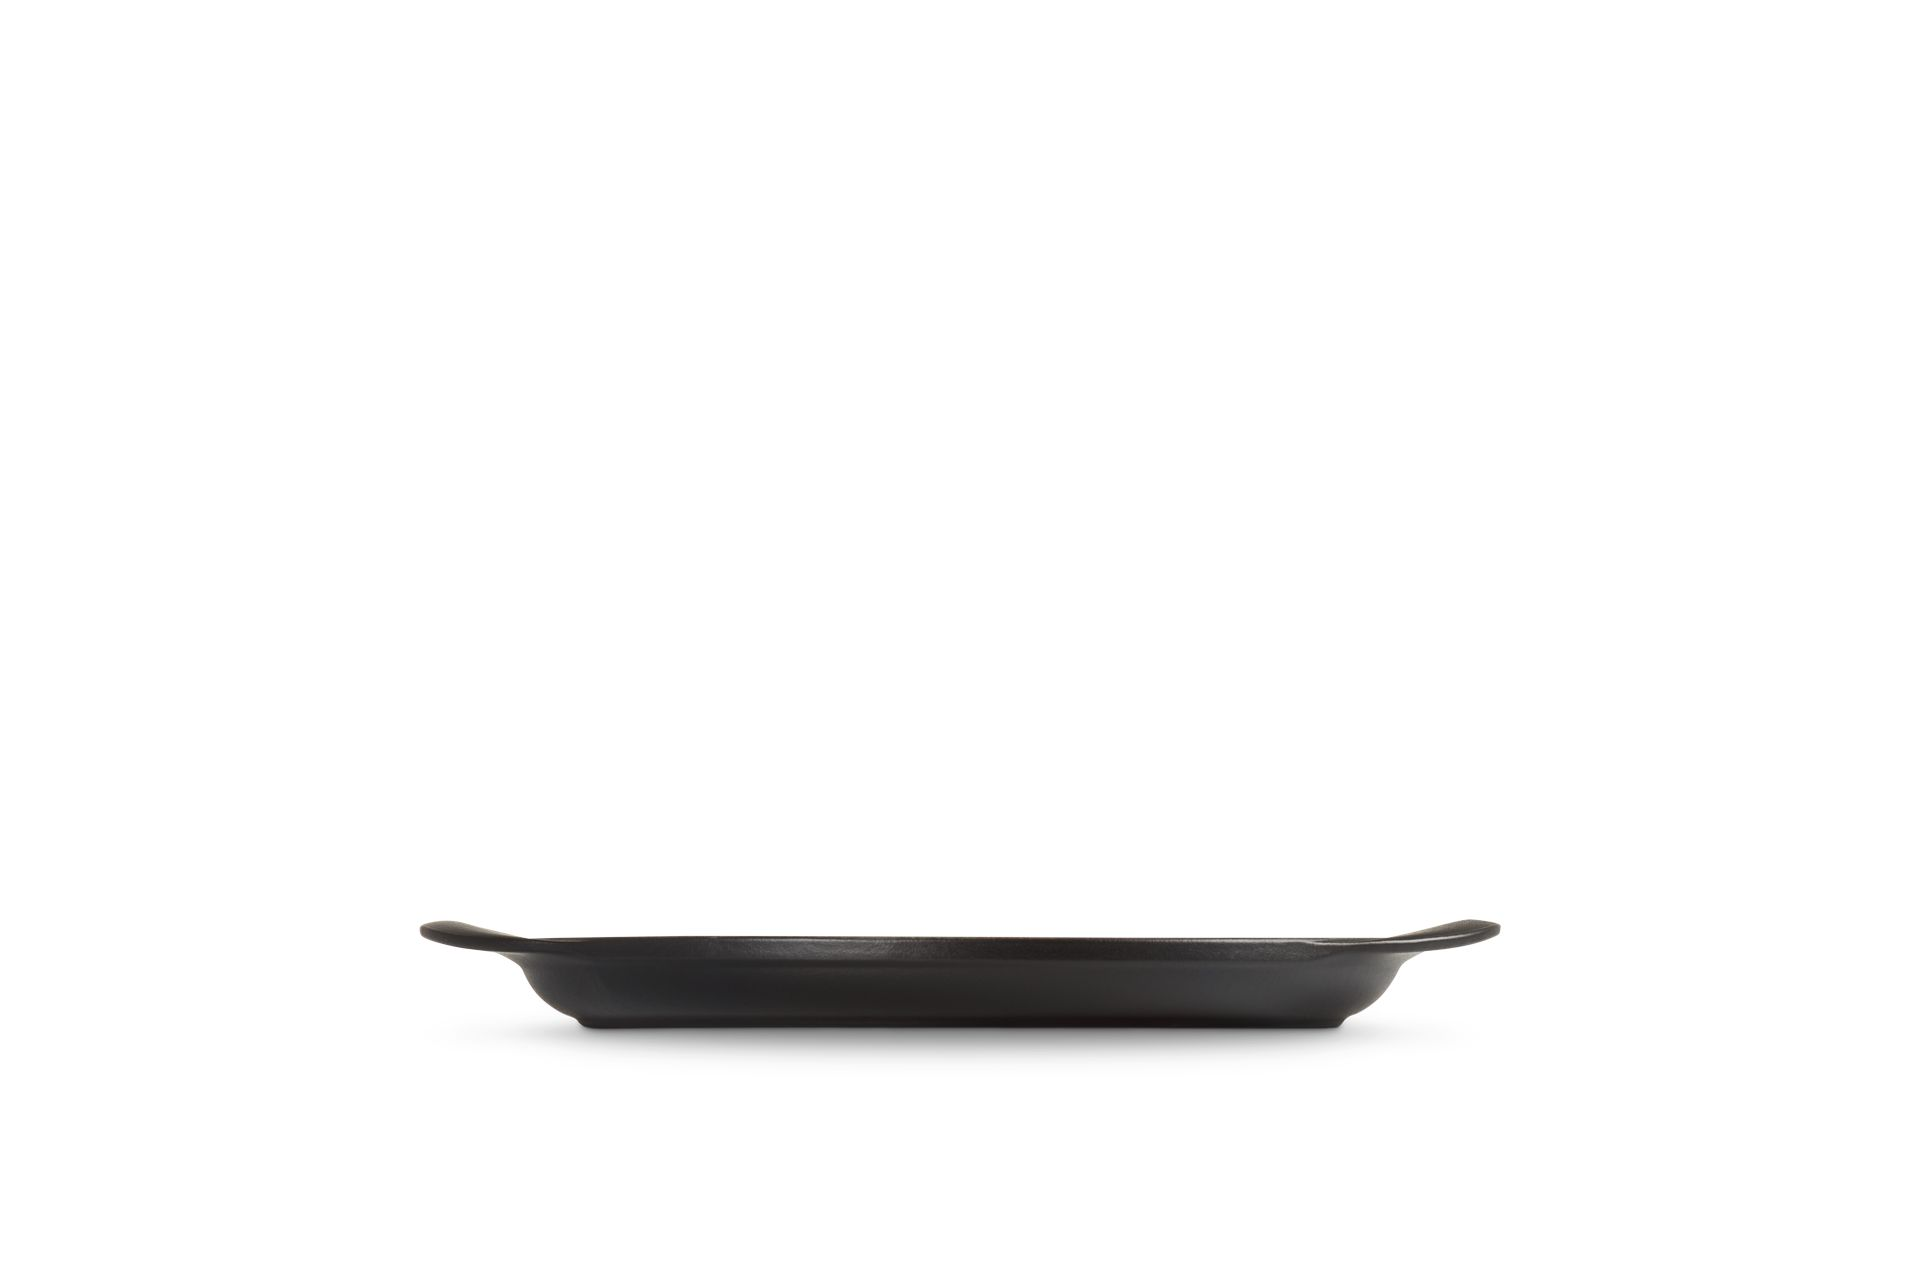 Le Creuset Grillplatte Rund 25 cm Schwarz